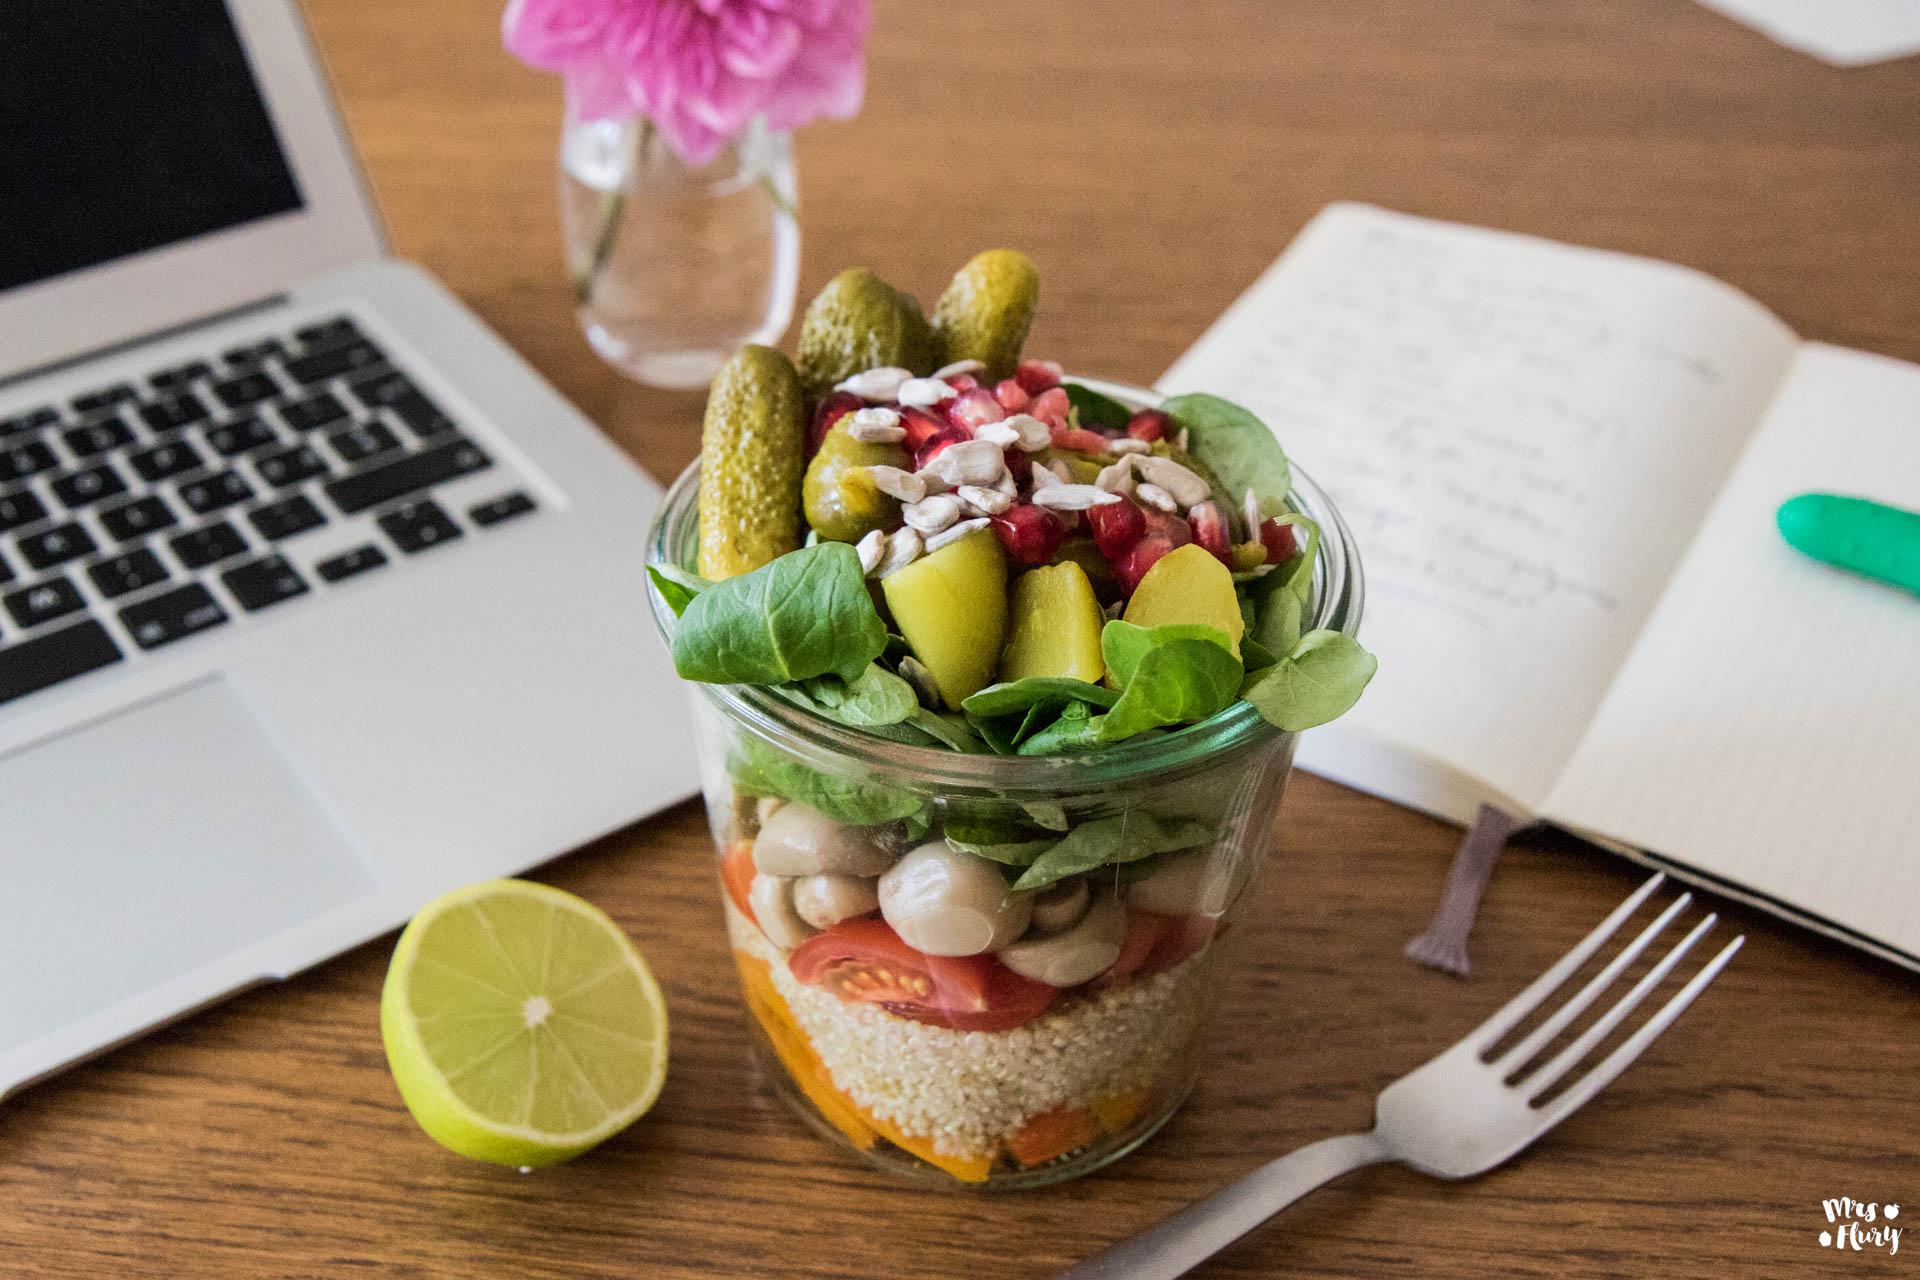 gesunder salat to go mit essiggem se mrs flury gesund essen leben. Black Bedroom Furniture Sets. Home Design Ideas